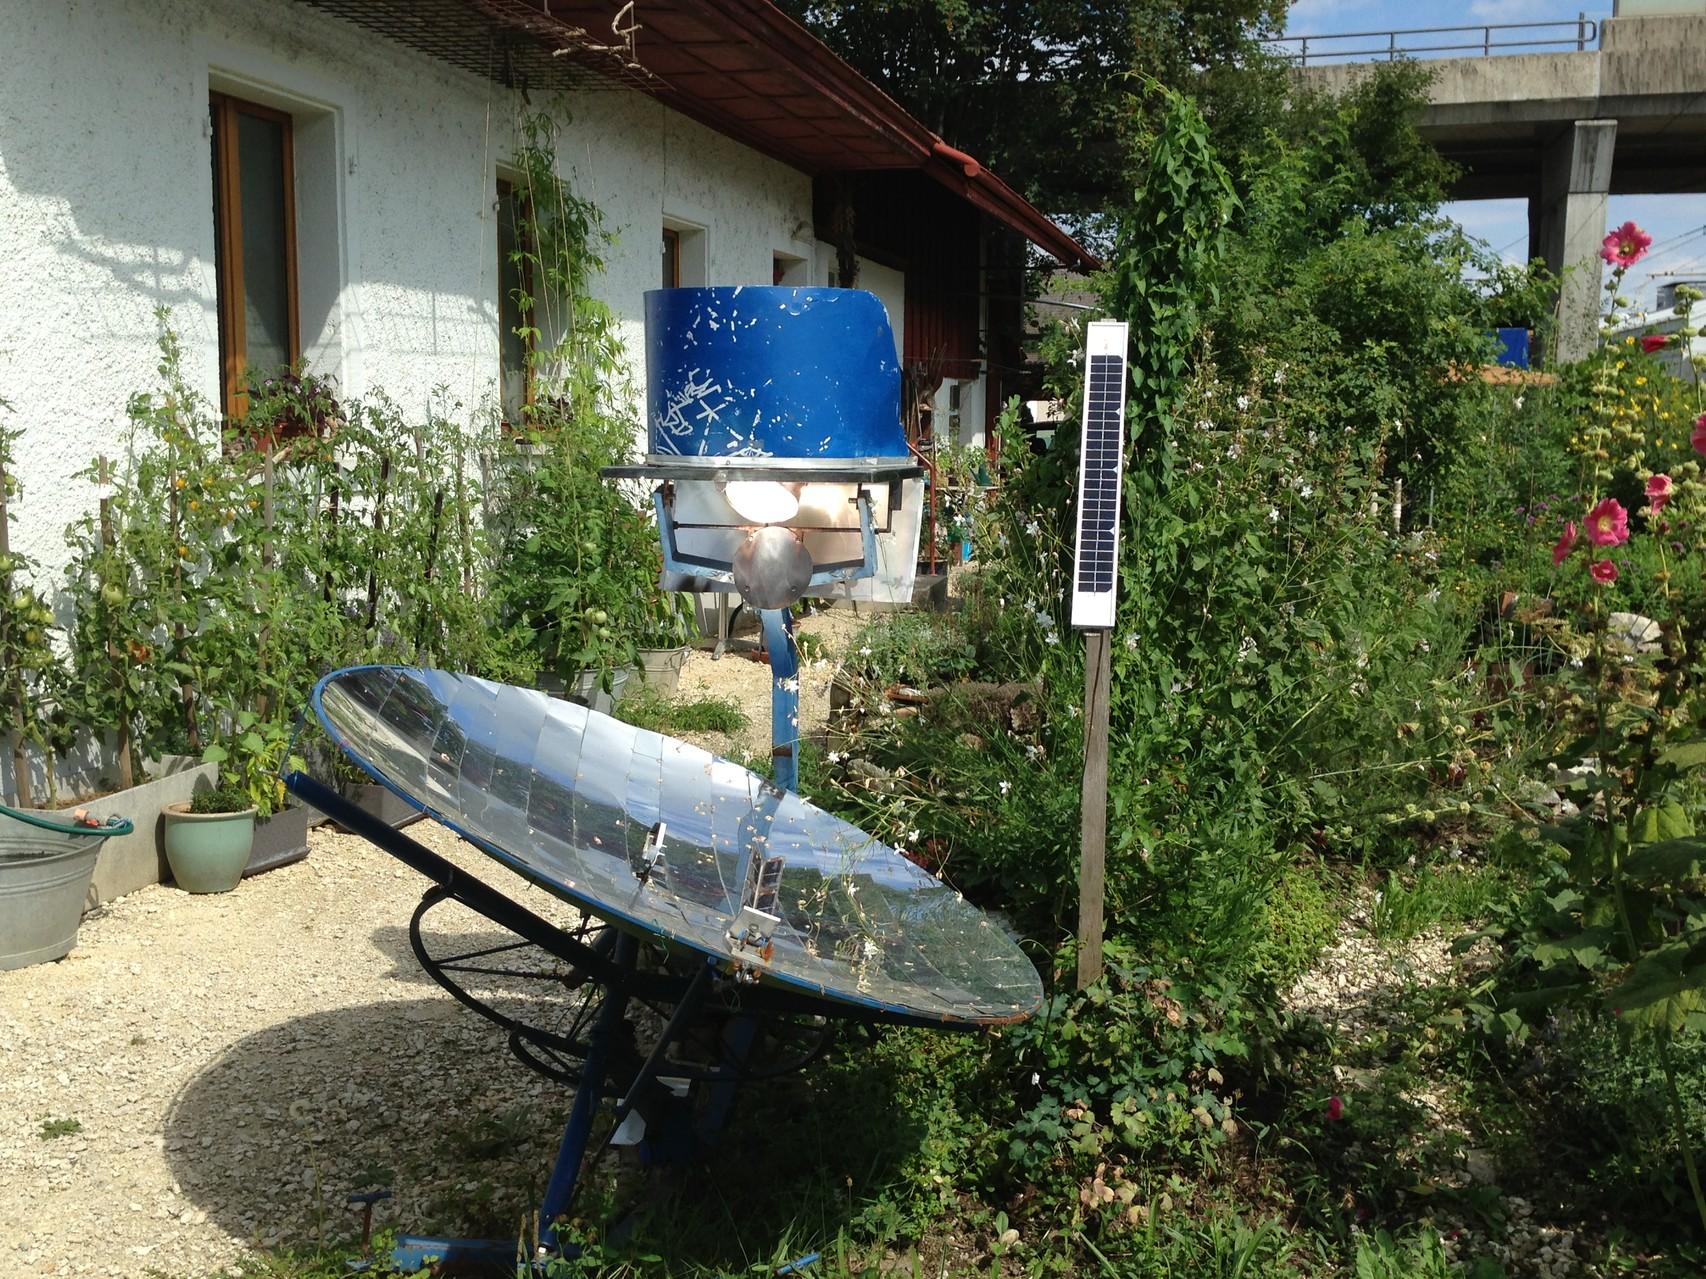 Parabolspiegel Schinznach Bad